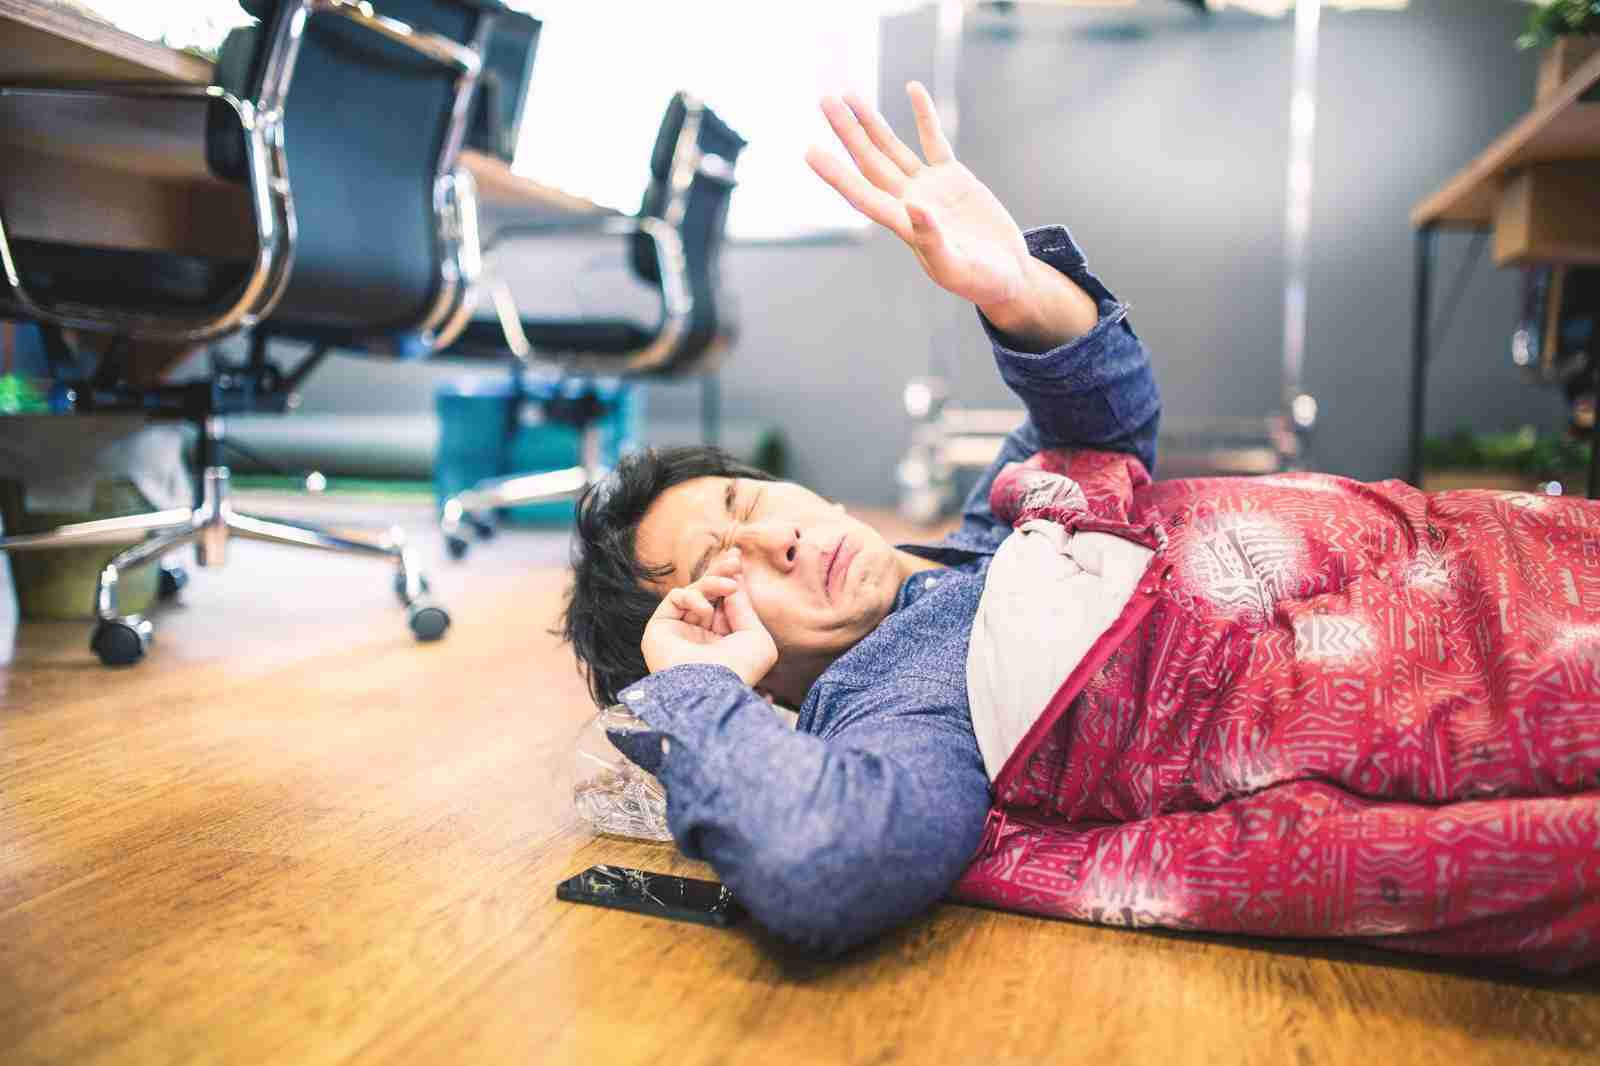 20歳以上の日本人の約4割が平均睡眠時間6時間未満!日本人はショートスリーパー | ギガボ!